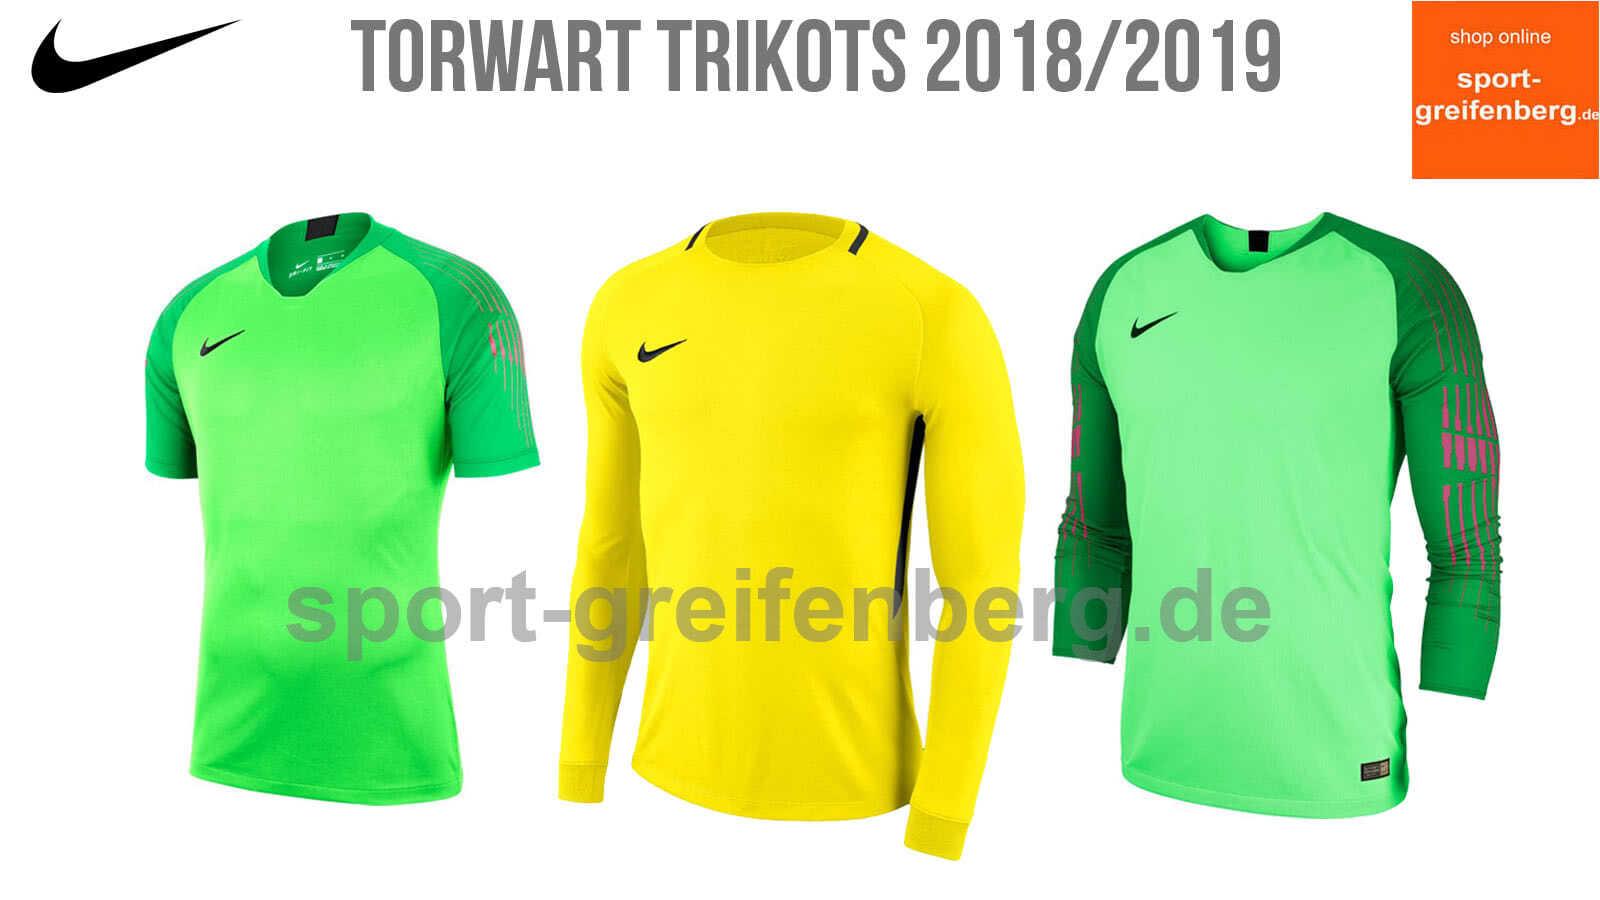 Nike Torwart Trikots 2018/2019 der WM und der Saison